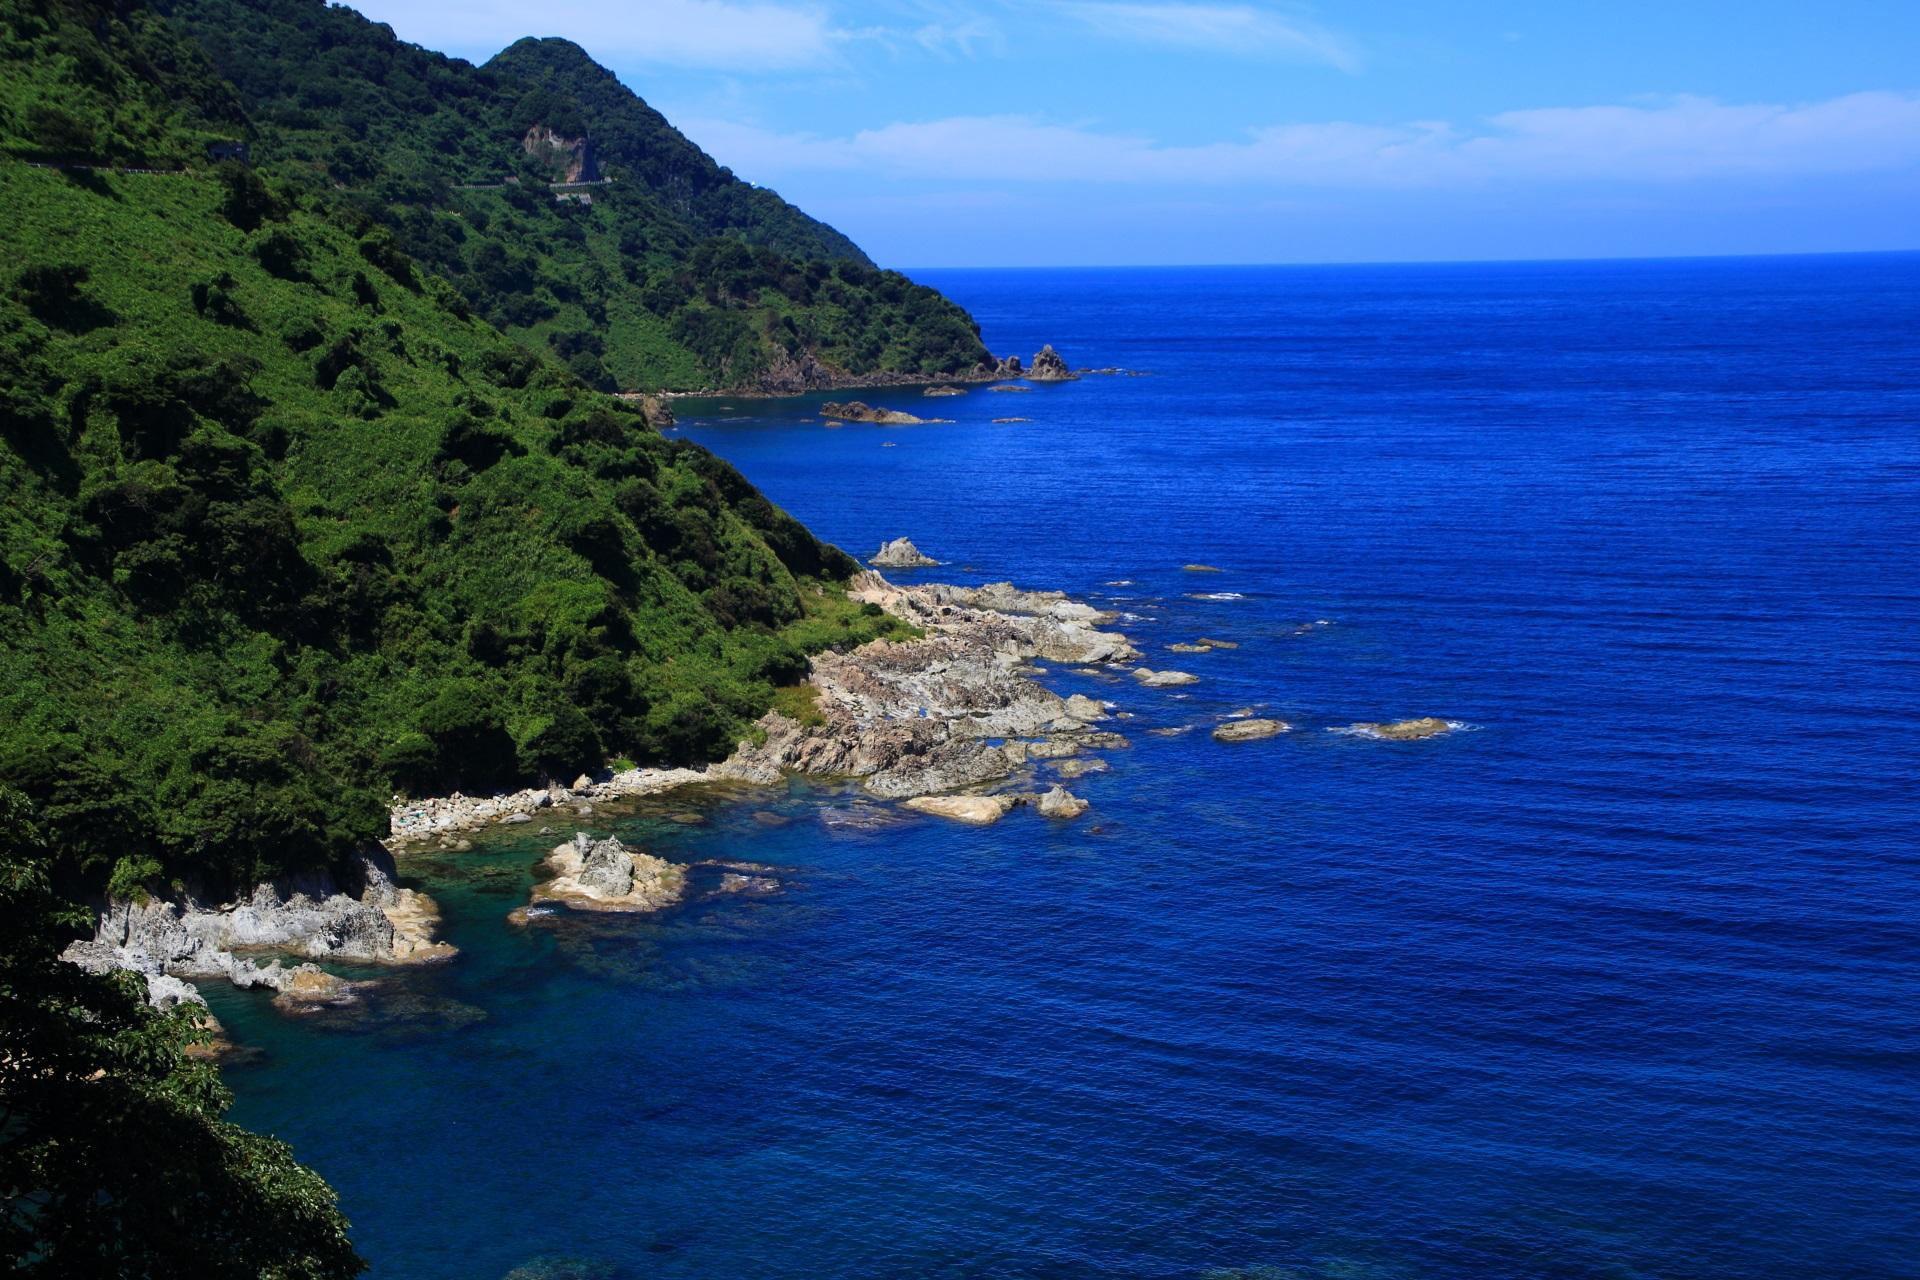 カマヤ海岸 丹後半島 高画質 写真